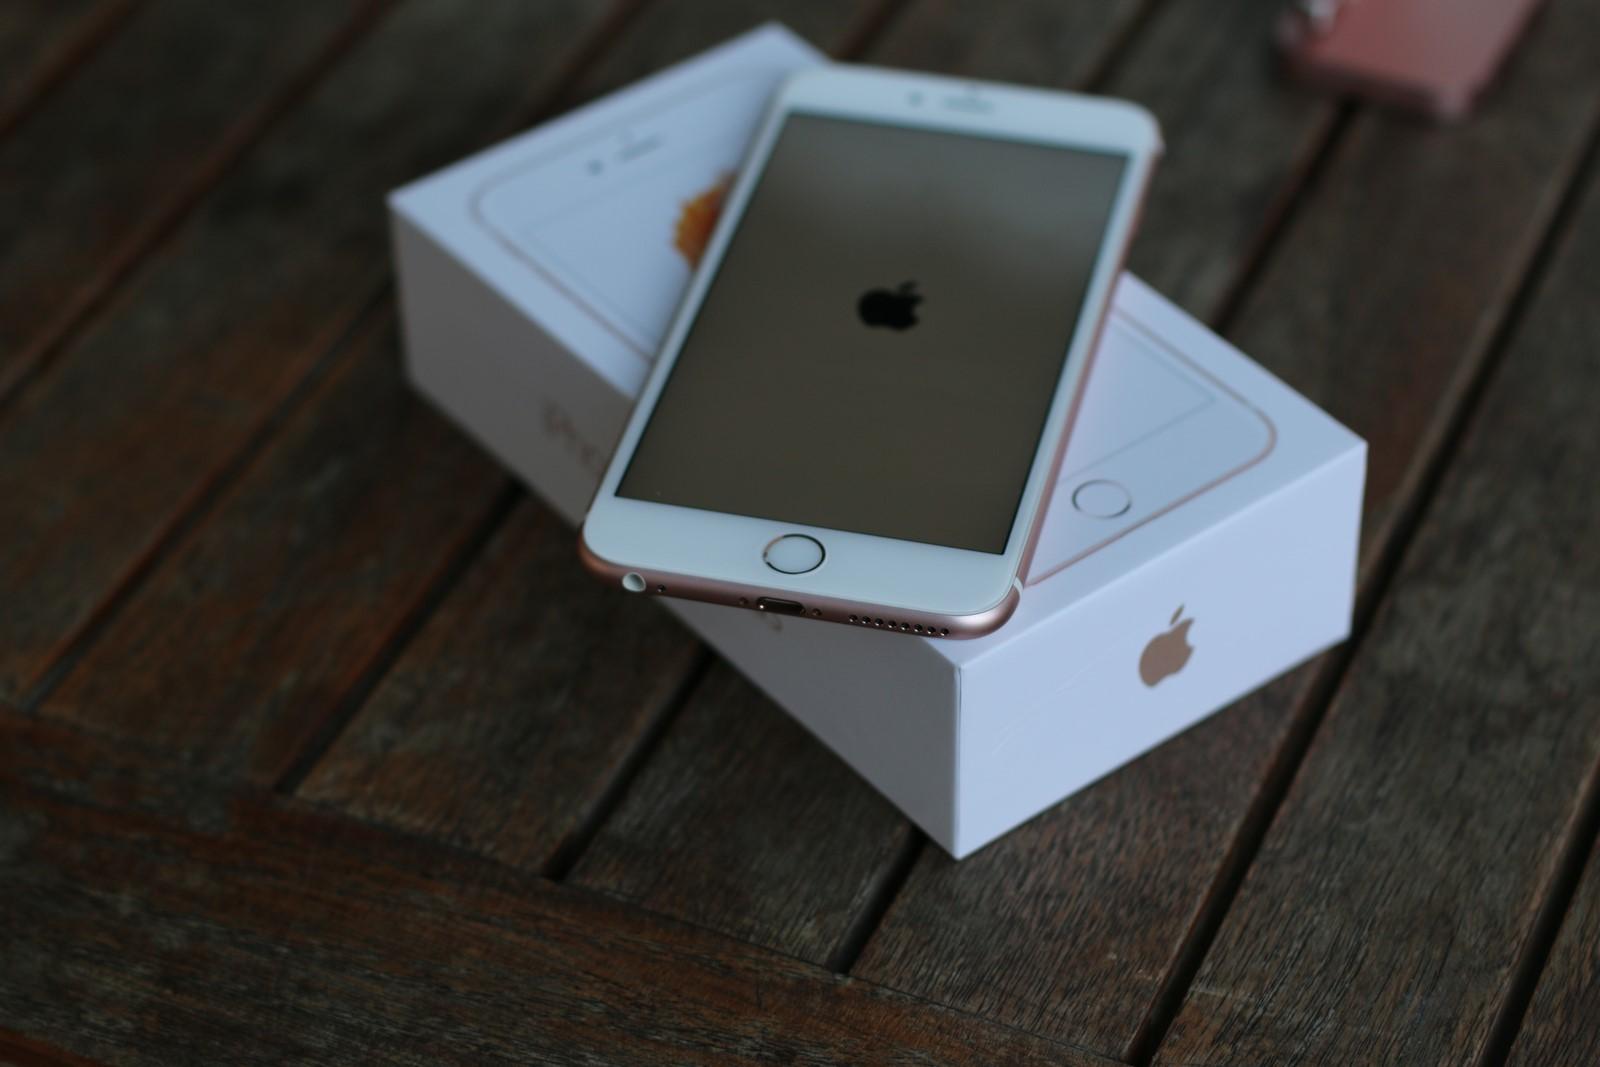 Apple może mieć problem. Szykuje się pozew zbiorowy za psucie smartfonów, które były naprawiane w nieautoryzowanym serwisie